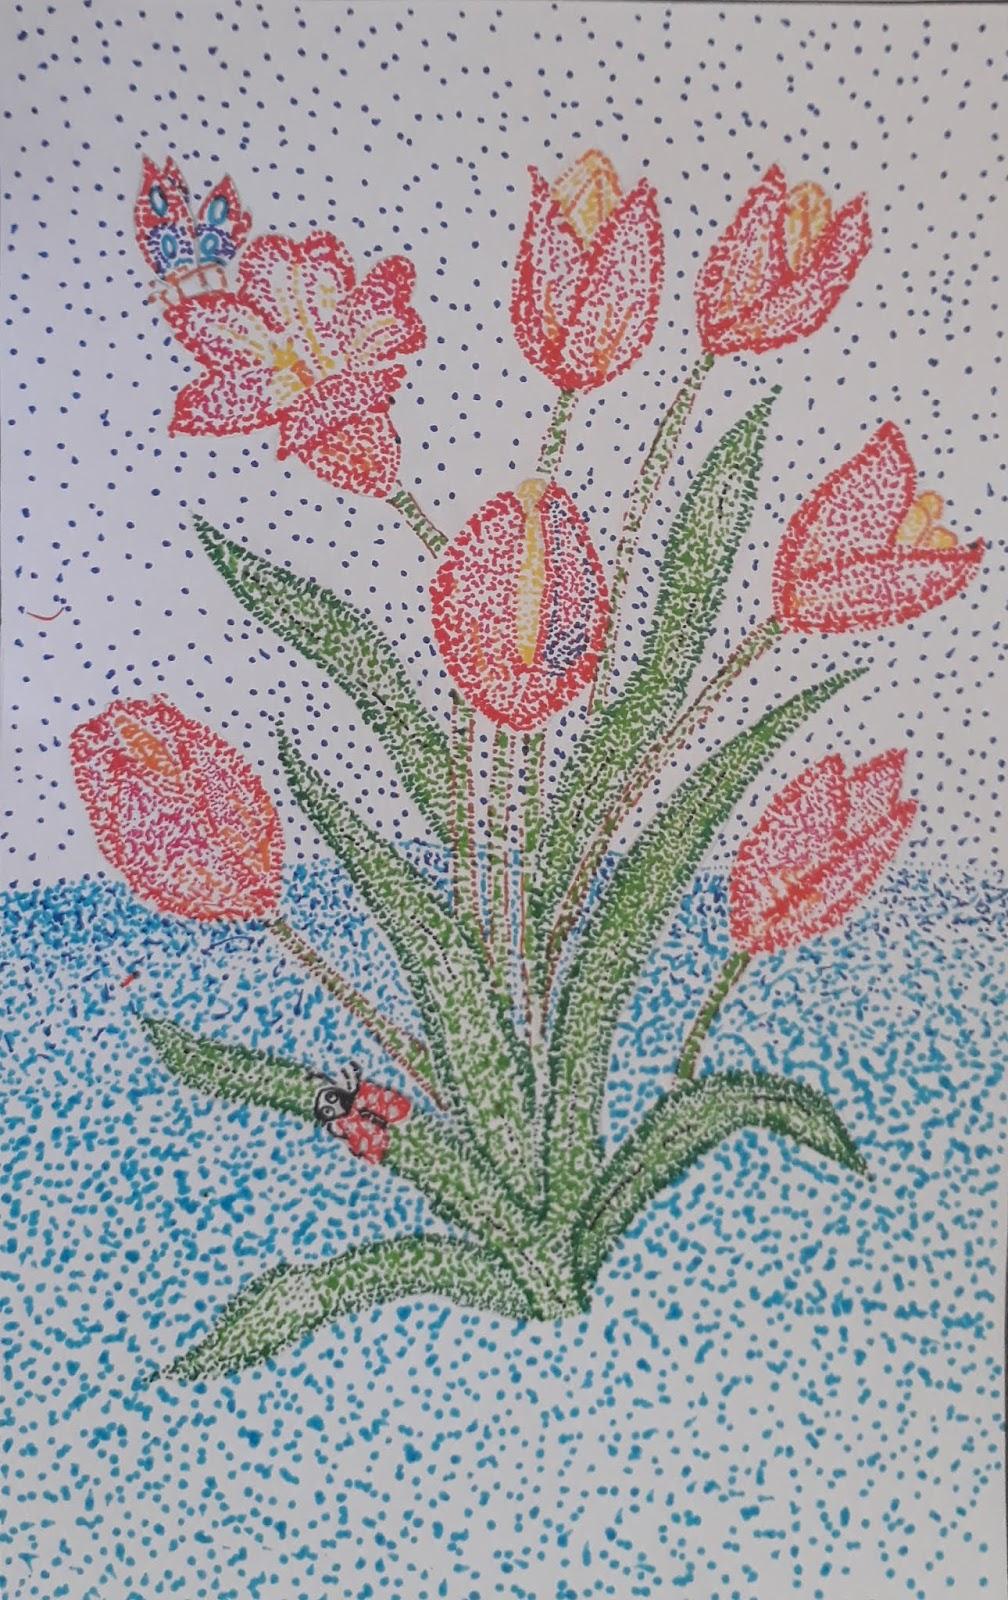 Cantik Contoh Gambar Bunga Pointilis Bunga Hias